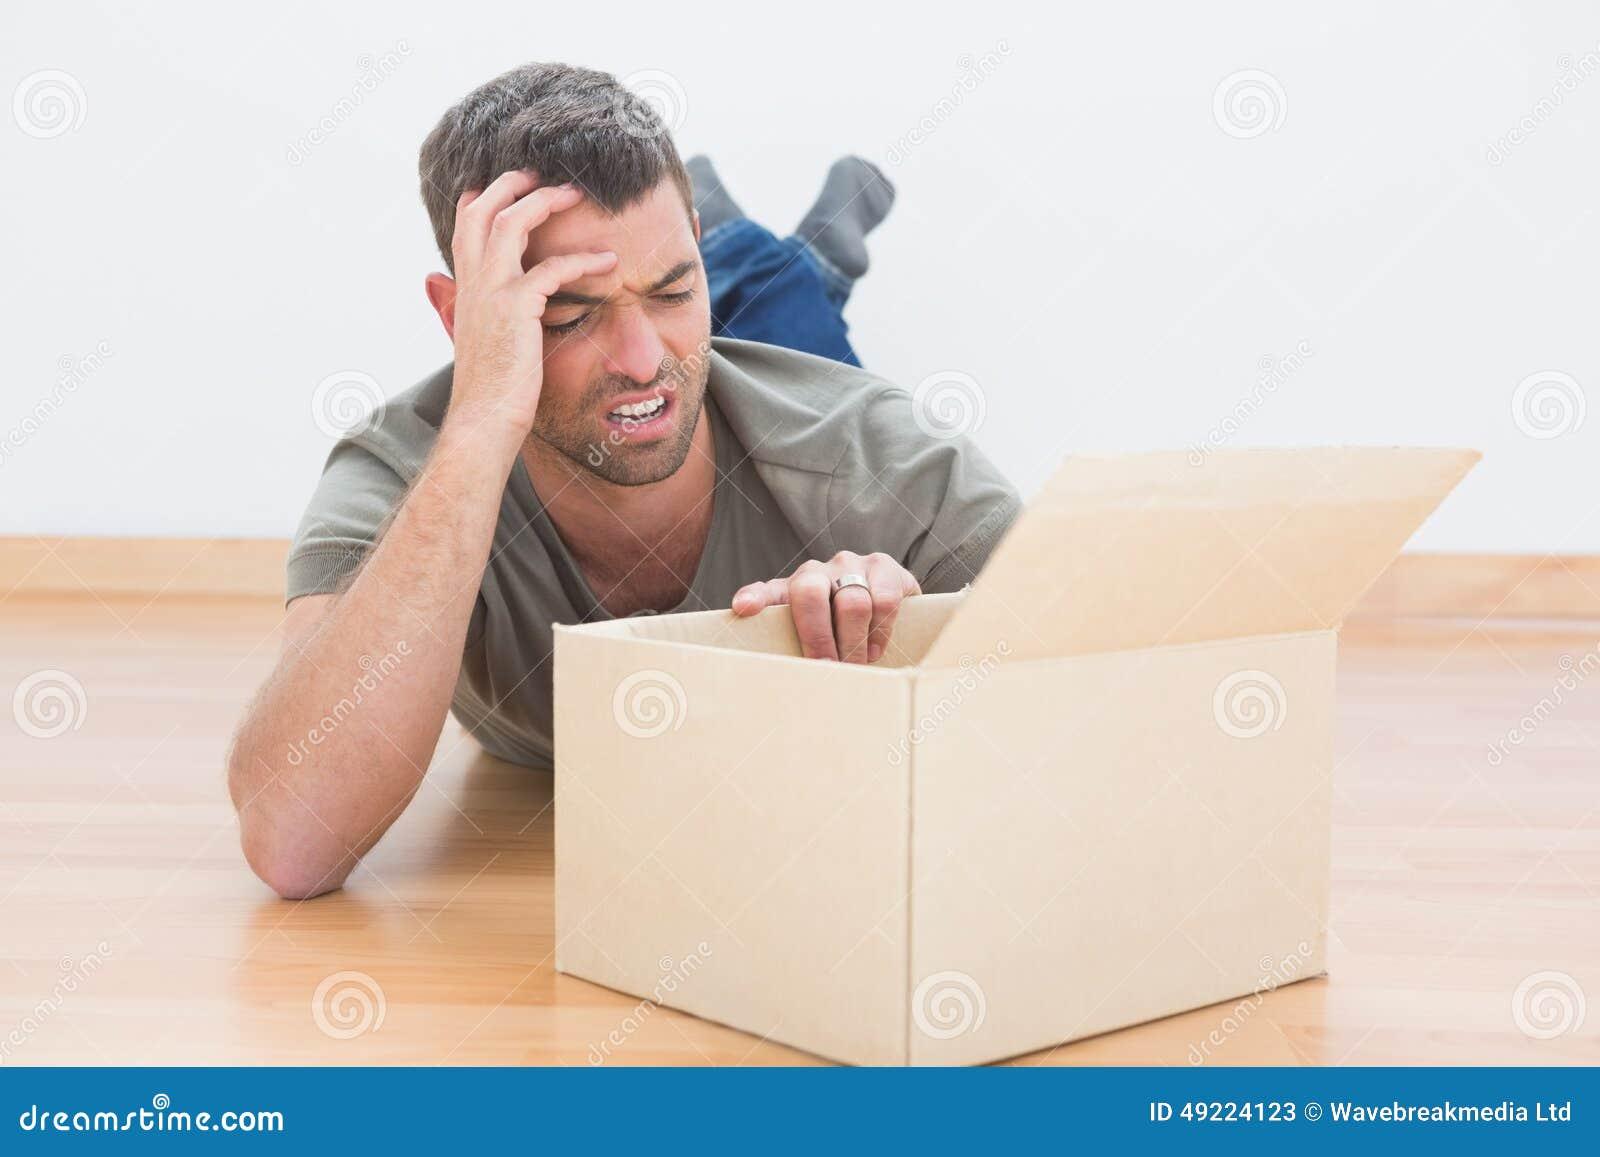 O homem incomodado abre uma caixa movente em casa